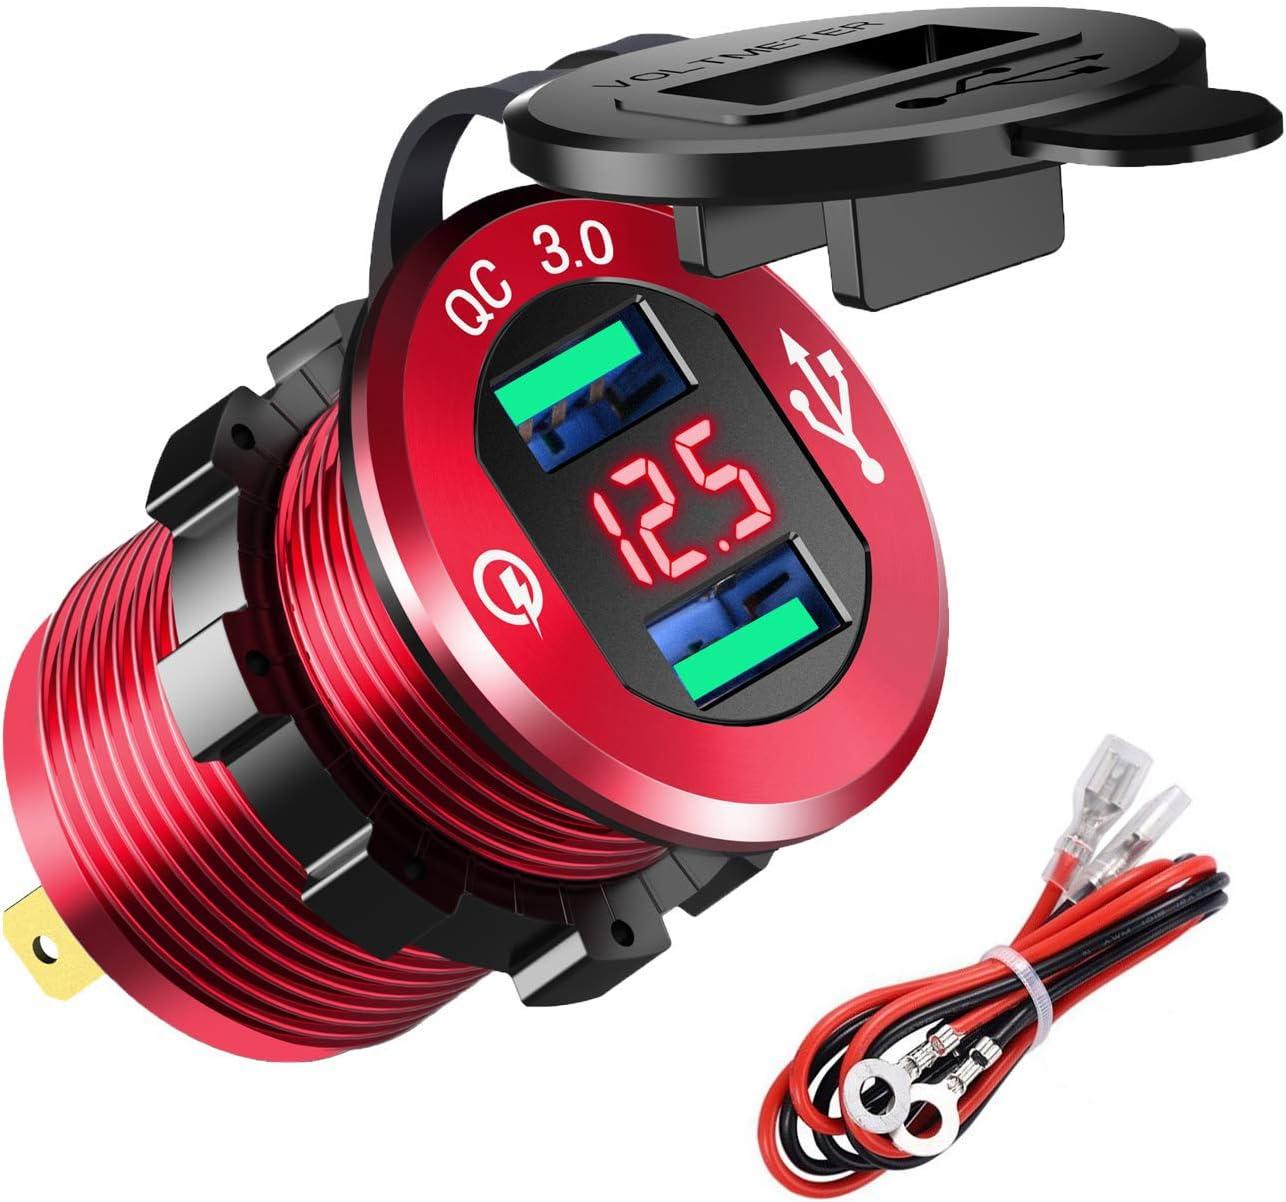 YGL 12V/24V Carga Rápida 3.0 Cargador Dual de us Enchufe, Impermeable Cargador de Aluminio con LED Voltímetro (Rojo)